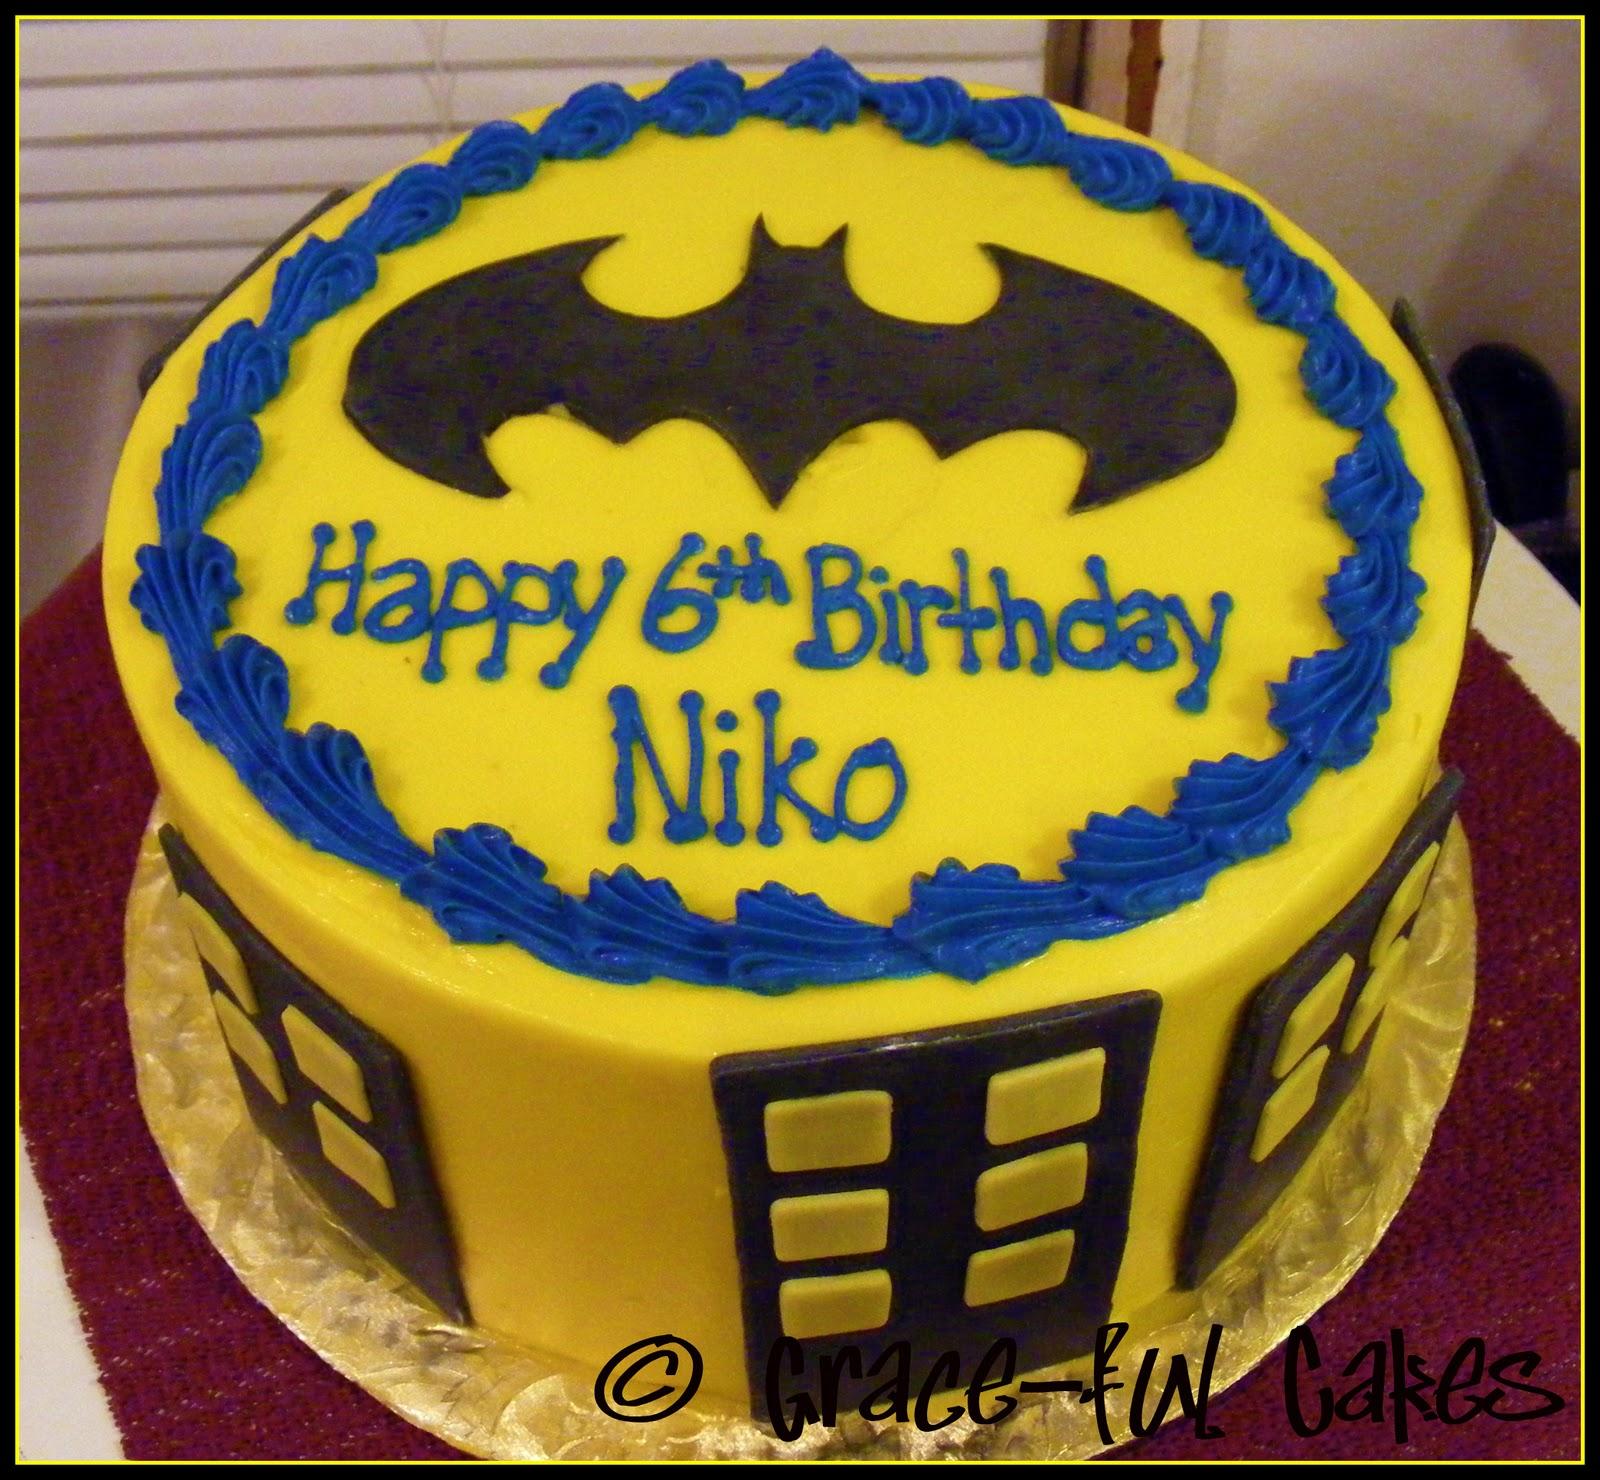 http://3.bp.blogspot.com/_MpJBsfjes3A/TLVO9HRq3RI/AAAAAAAABM8/UGWZ_-BSlFk/s1600/Batman%2BCake%2B1-1.jpg